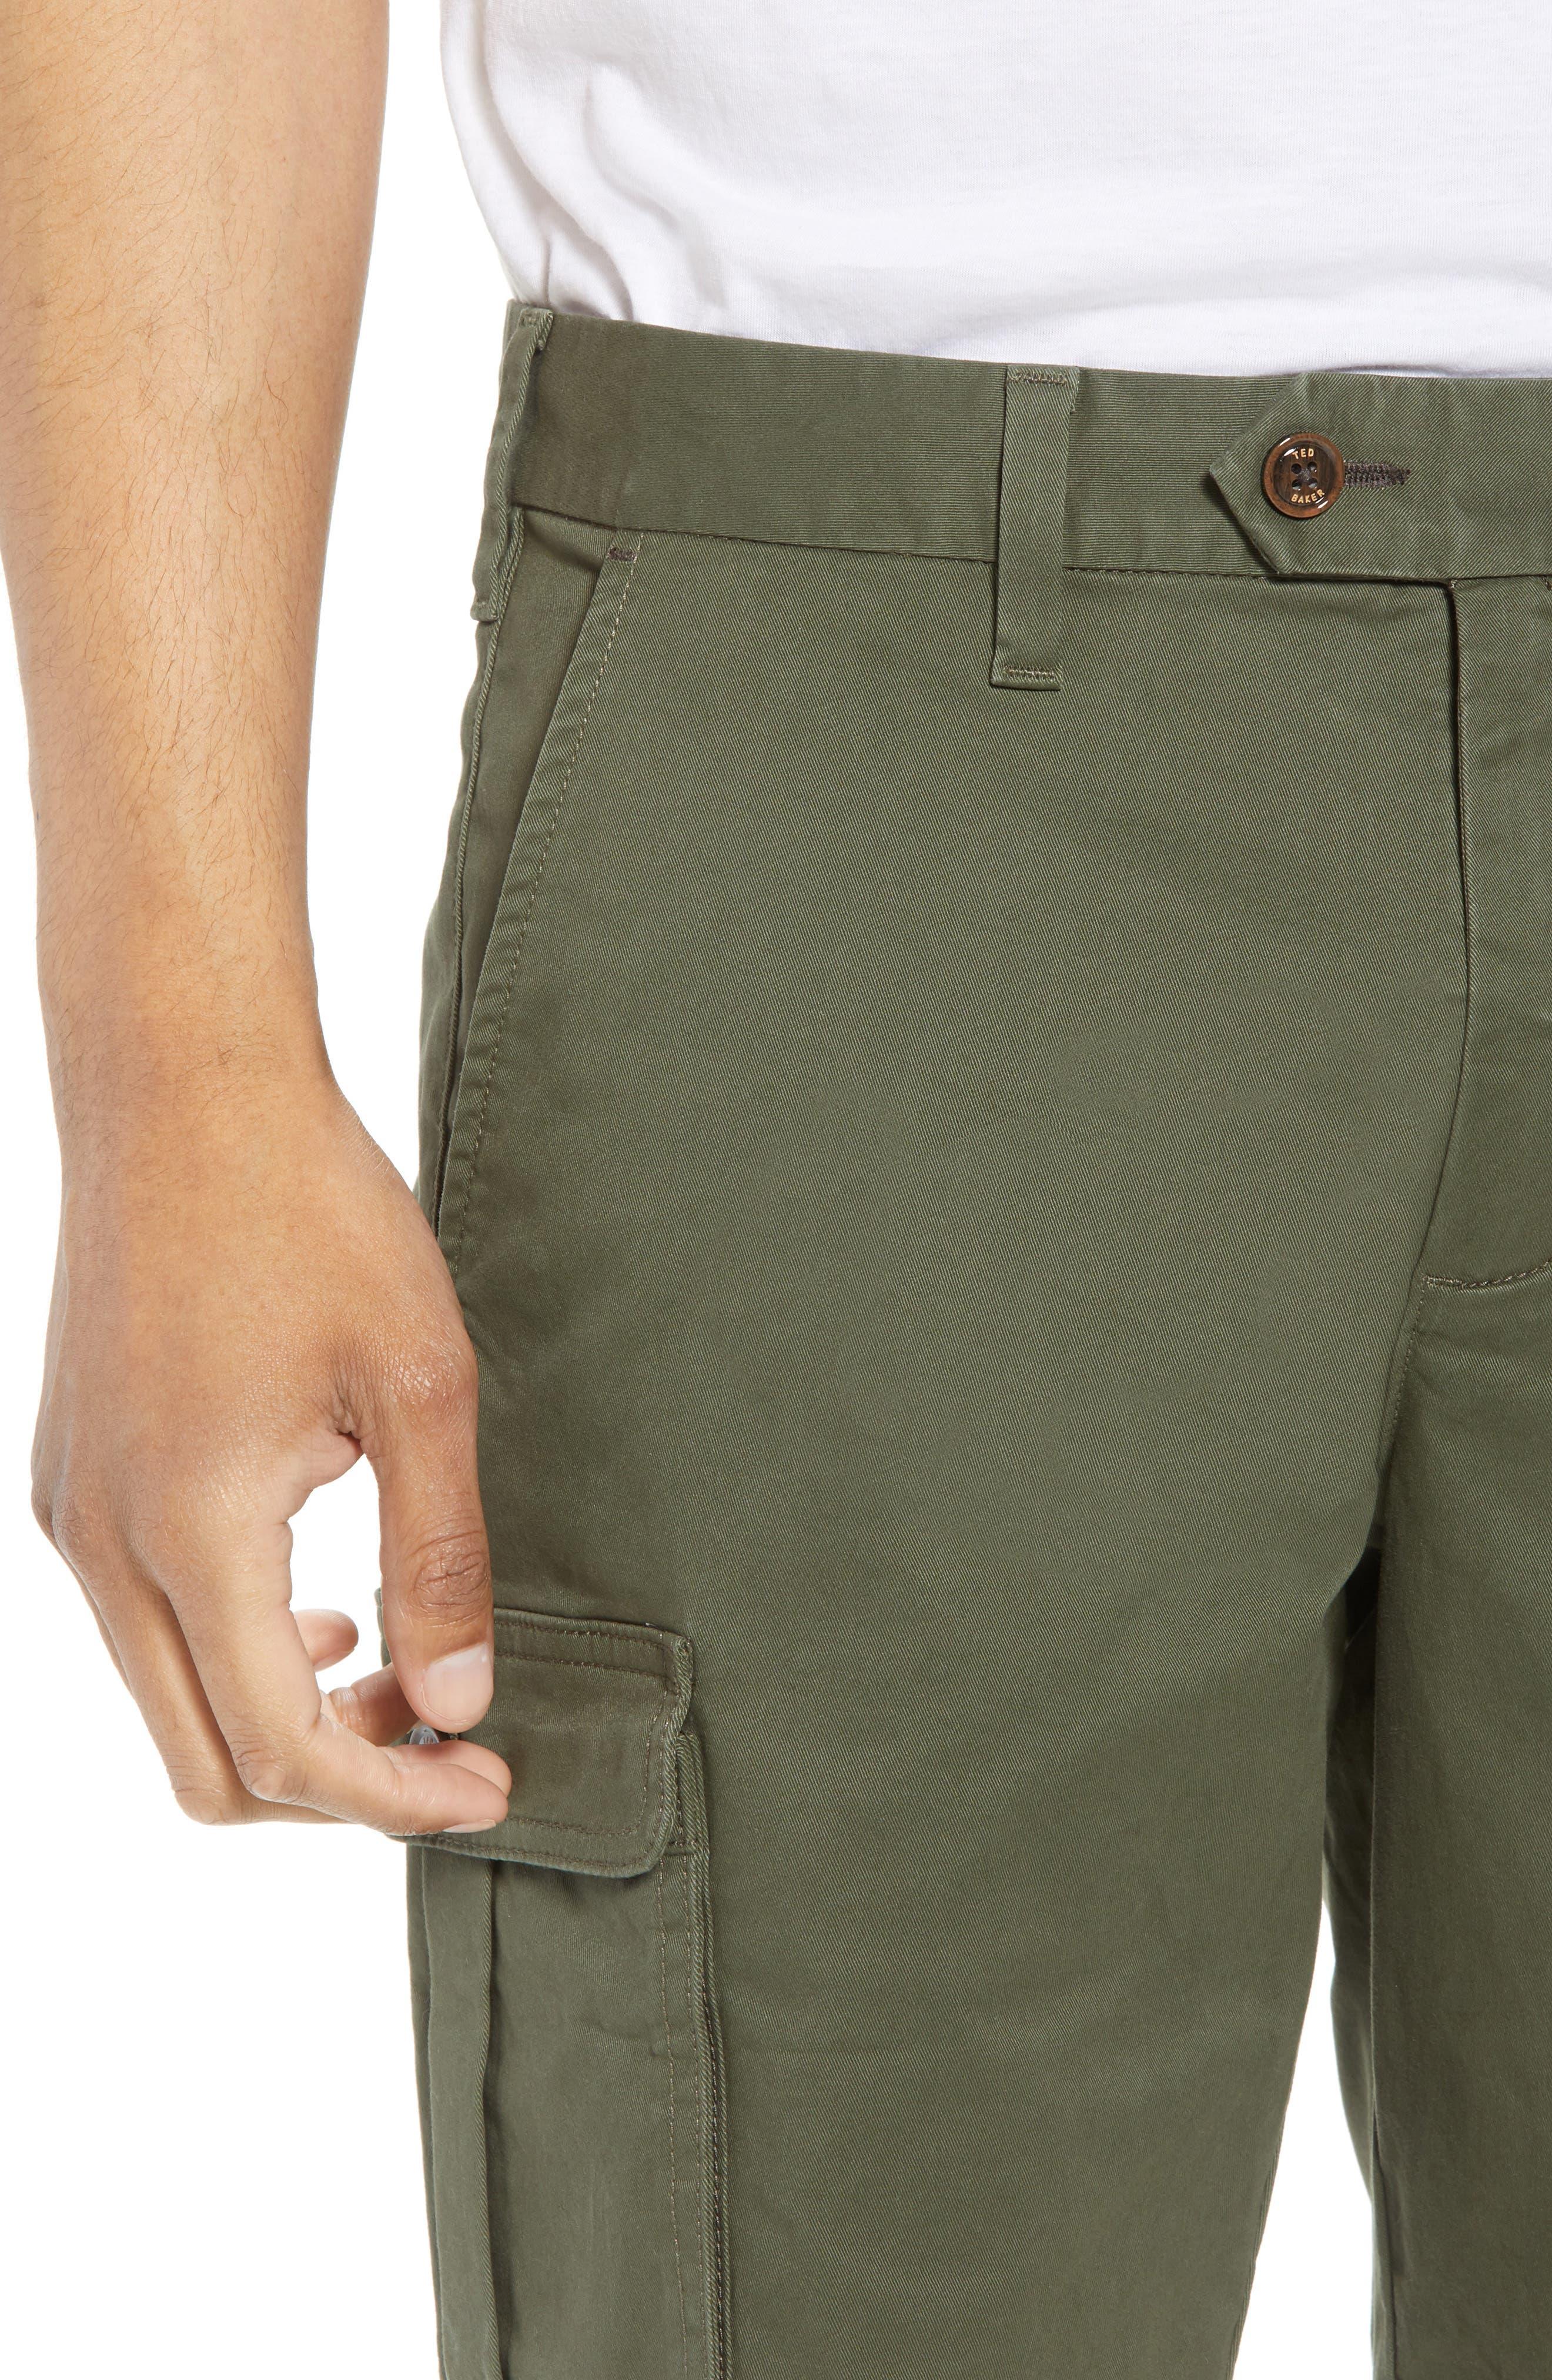 Ted Baker Cargogo Slim Fit Shorts,                             Alternate thumbnail 4, color,                             Khaki